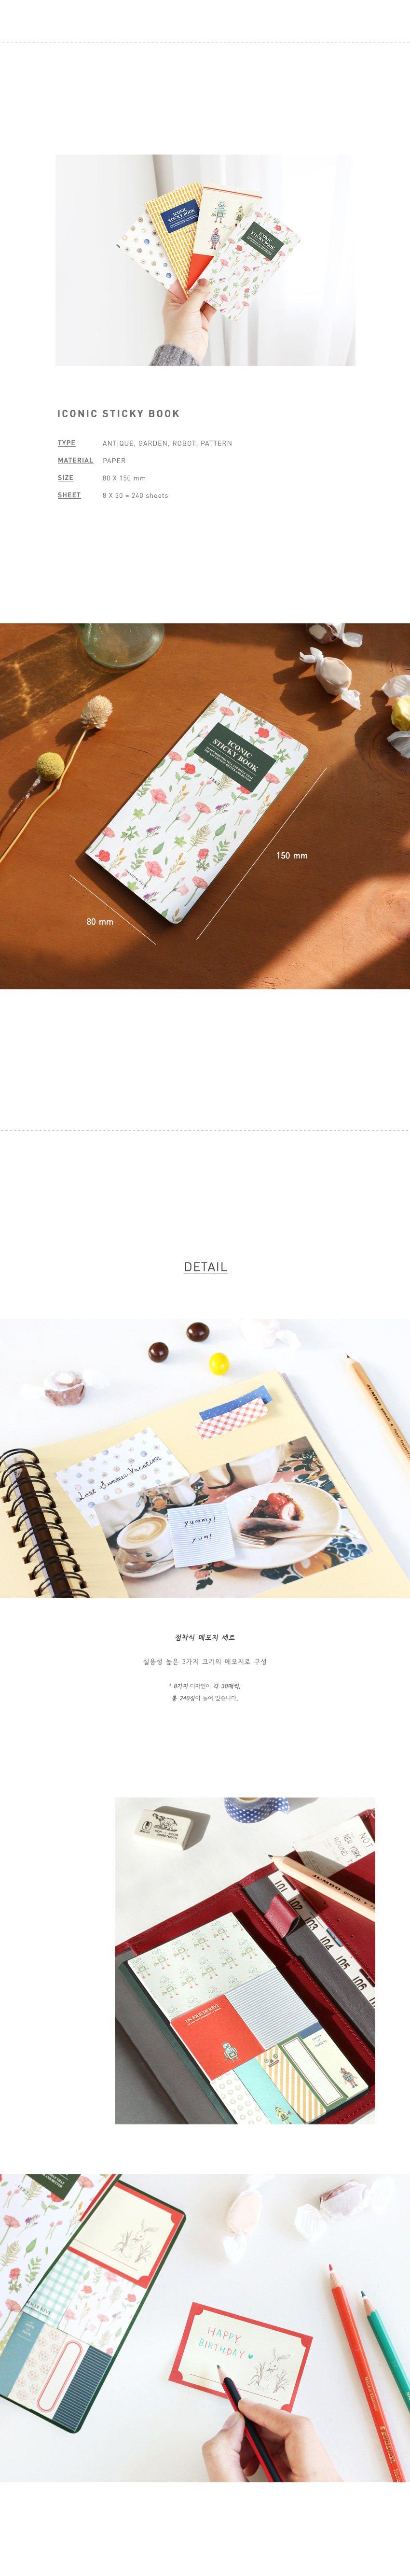 아이코닉 스티키북 v.3 - 아이코닉, 4,000원, 메모/점착메모, 점착메모지